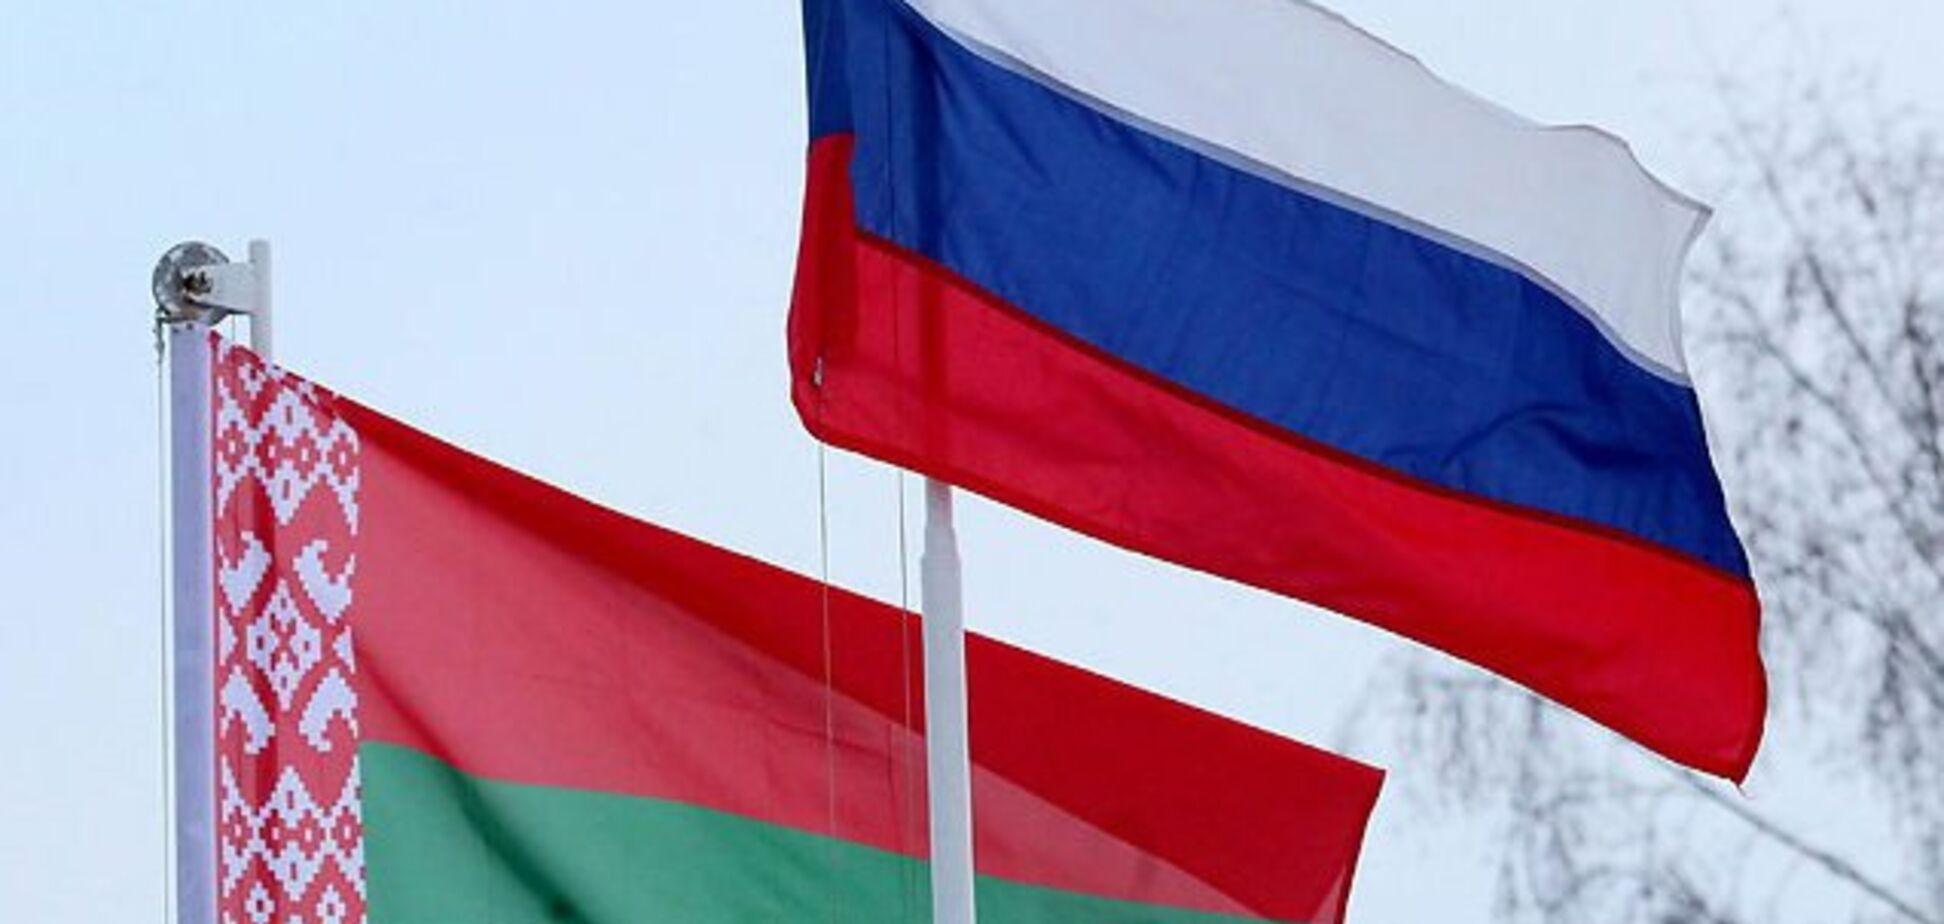 Відвертий шантаж: Росія нахабно заявила про ''приєднання'' Білорусі